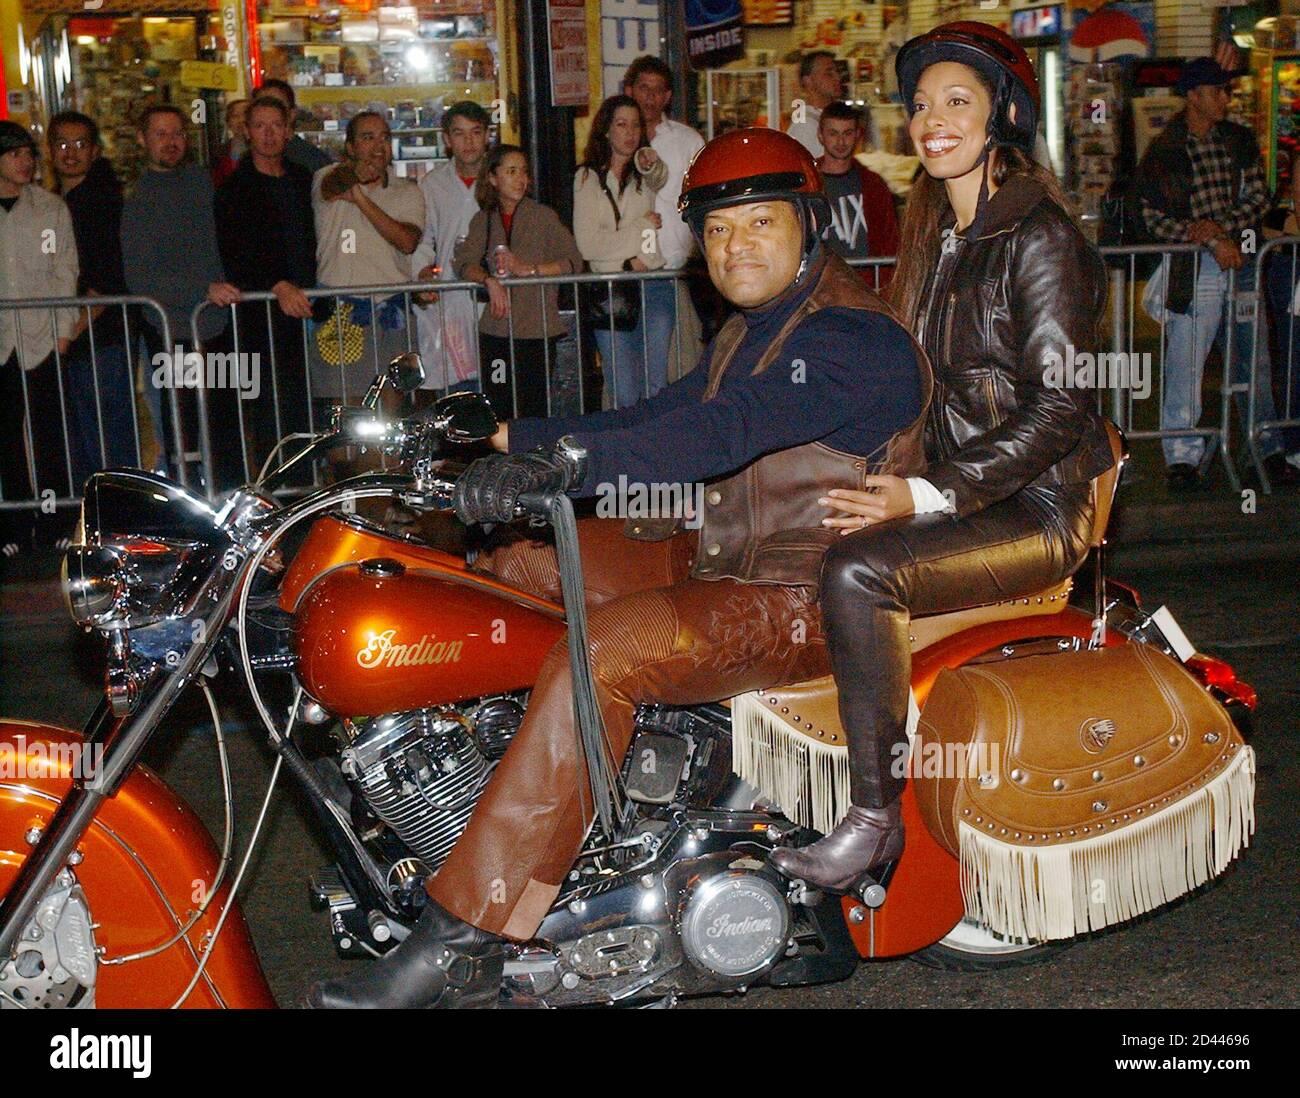 Film Biker Fotos E Imagenes De Stock Alamy